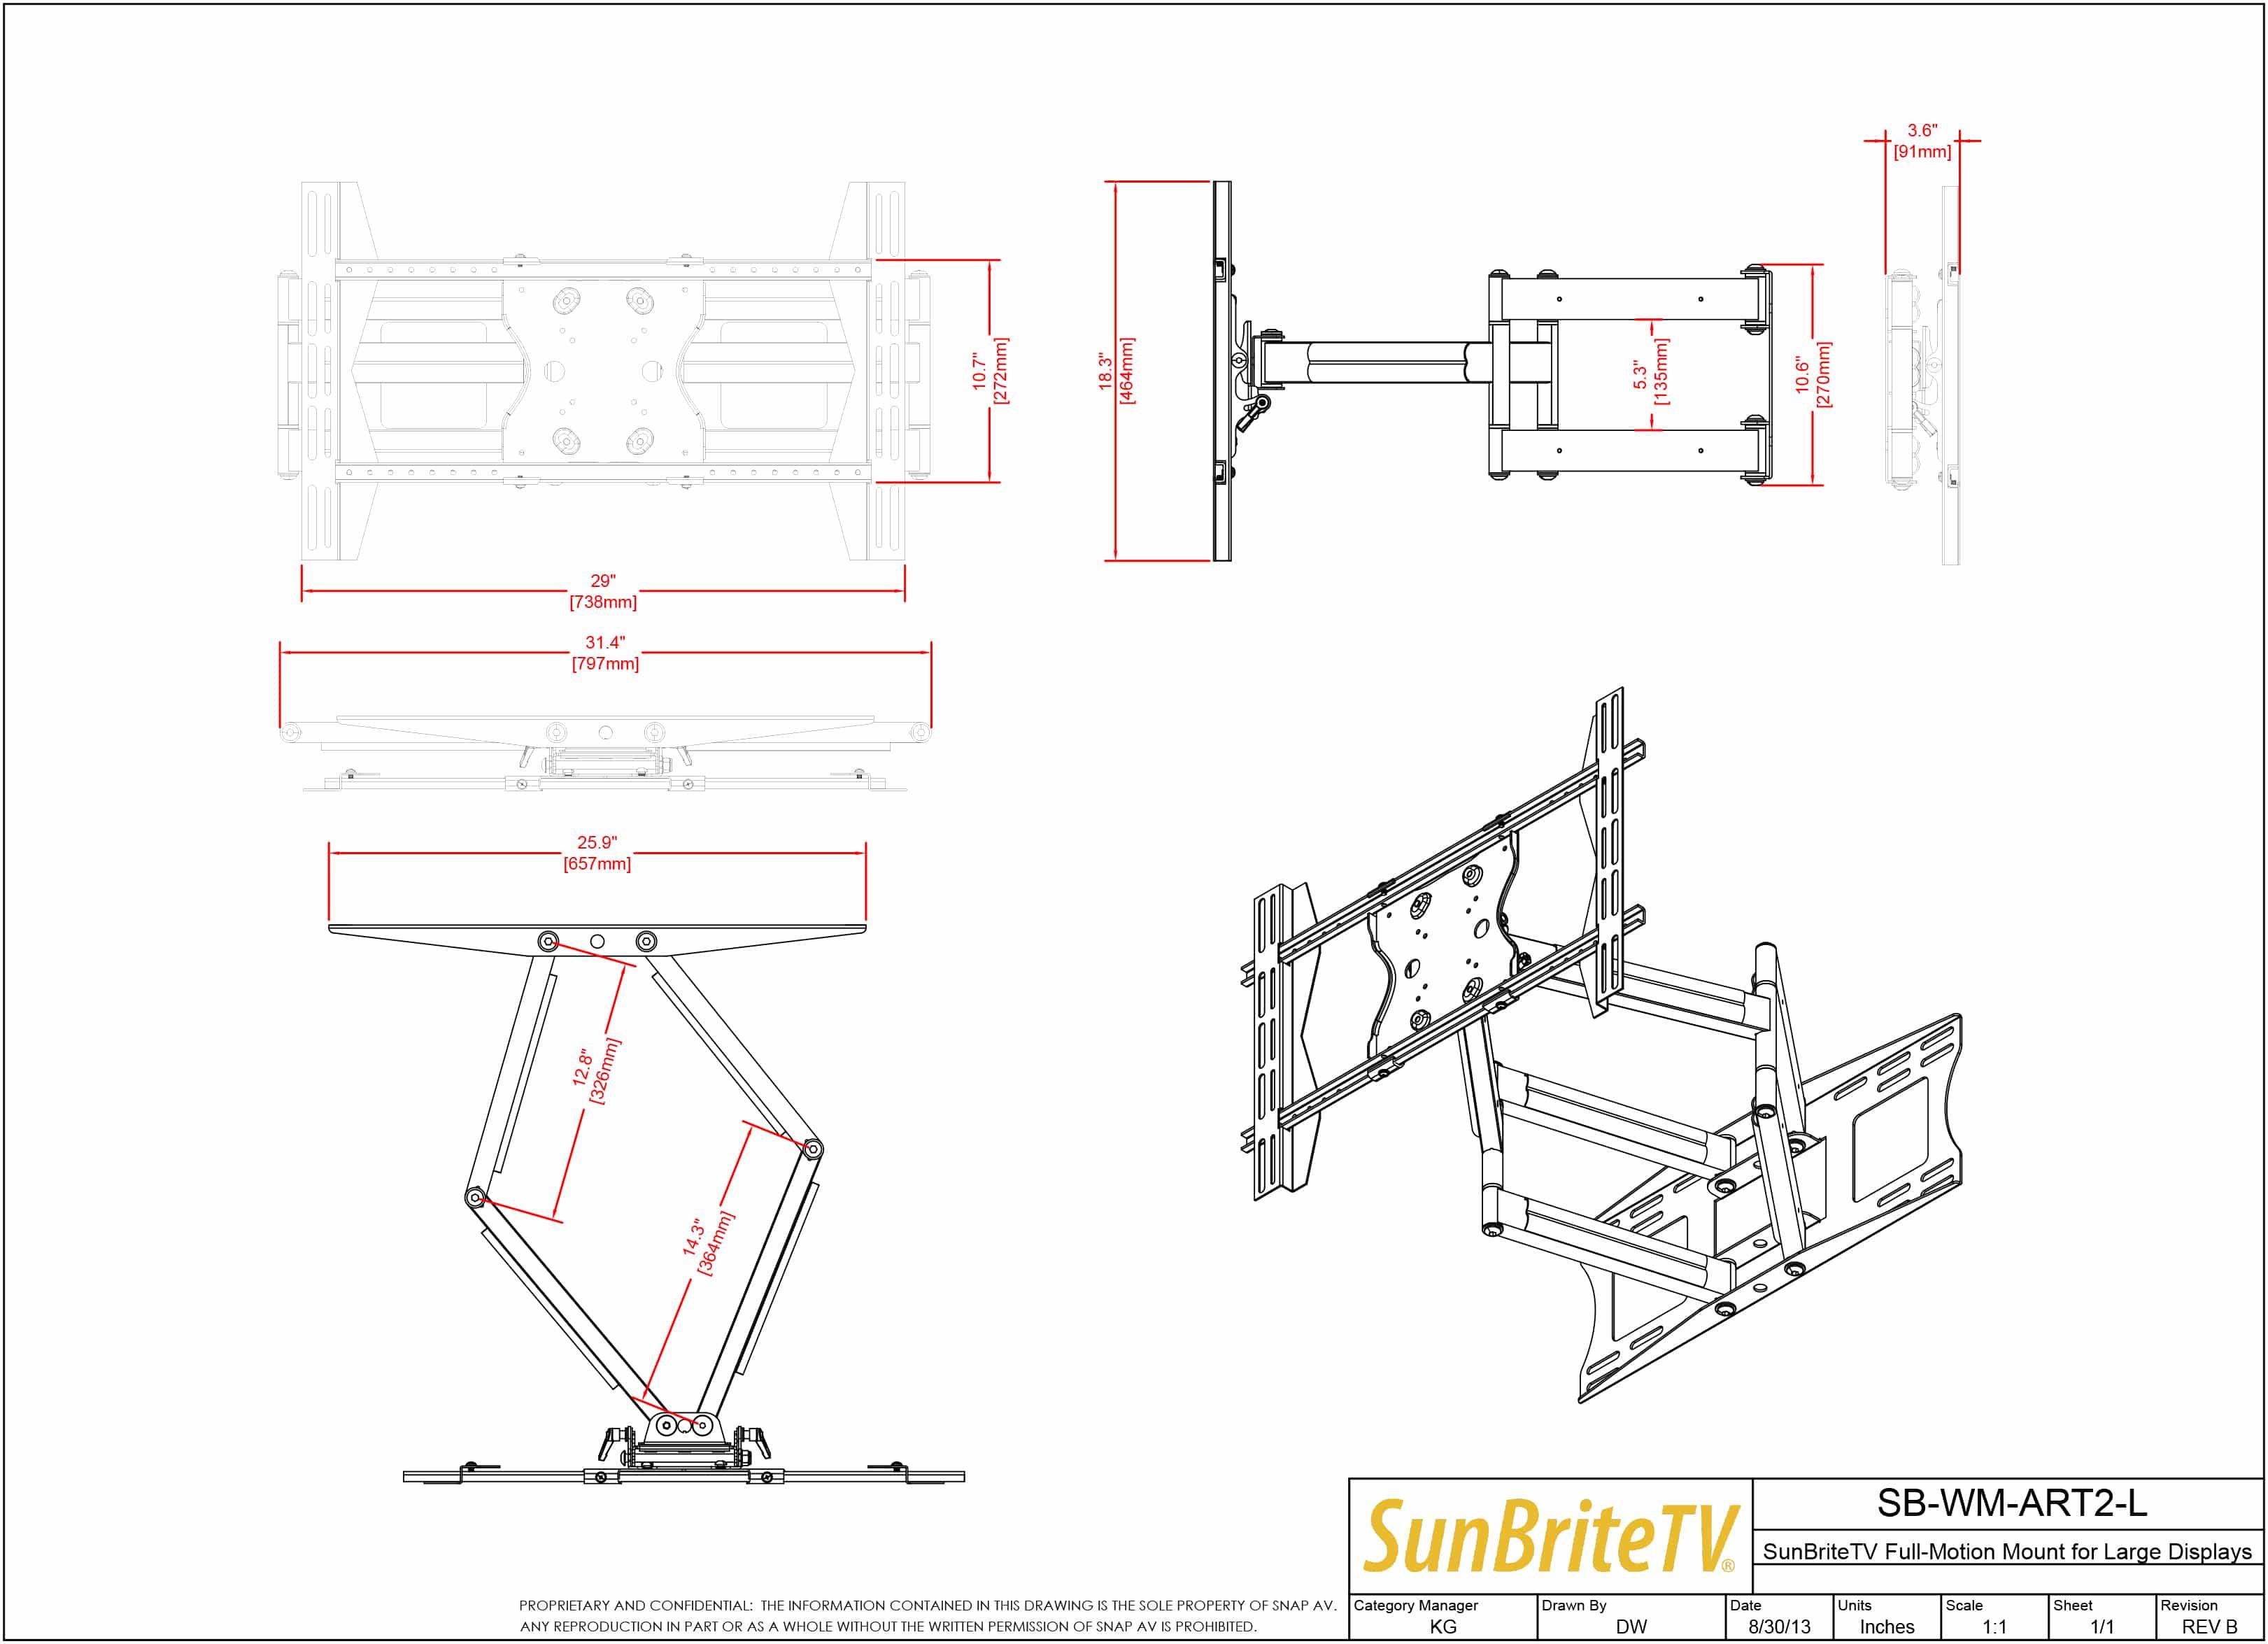 Sunbritetv Dual Arm Articulating Full Motion